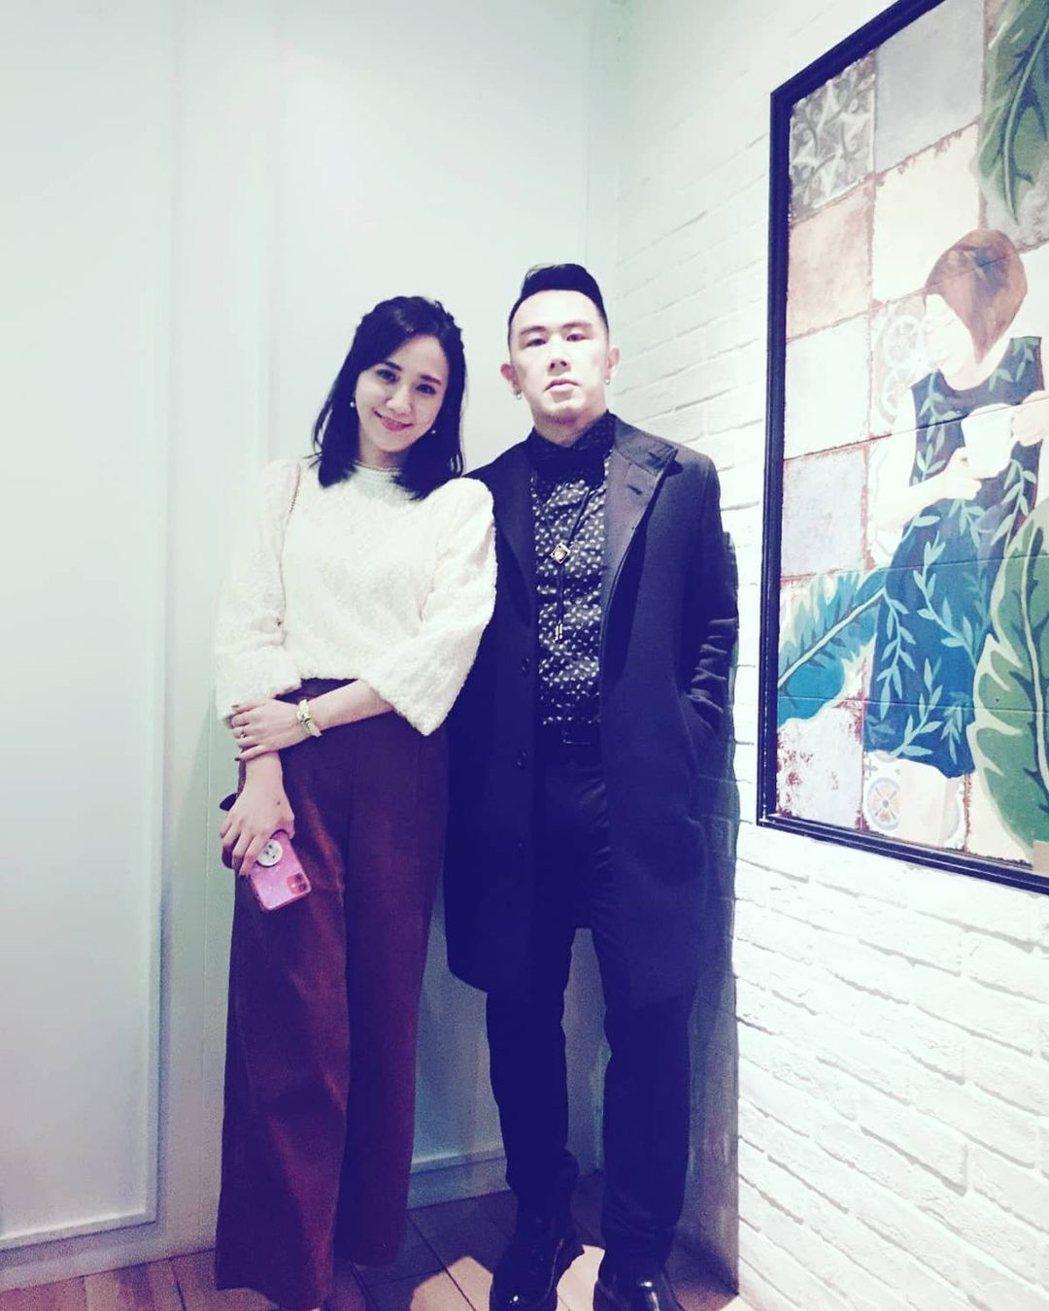 何妤玟(左)和大隸一起出席許孟哲和趙孟姿的婚宴。圖/摘自IG